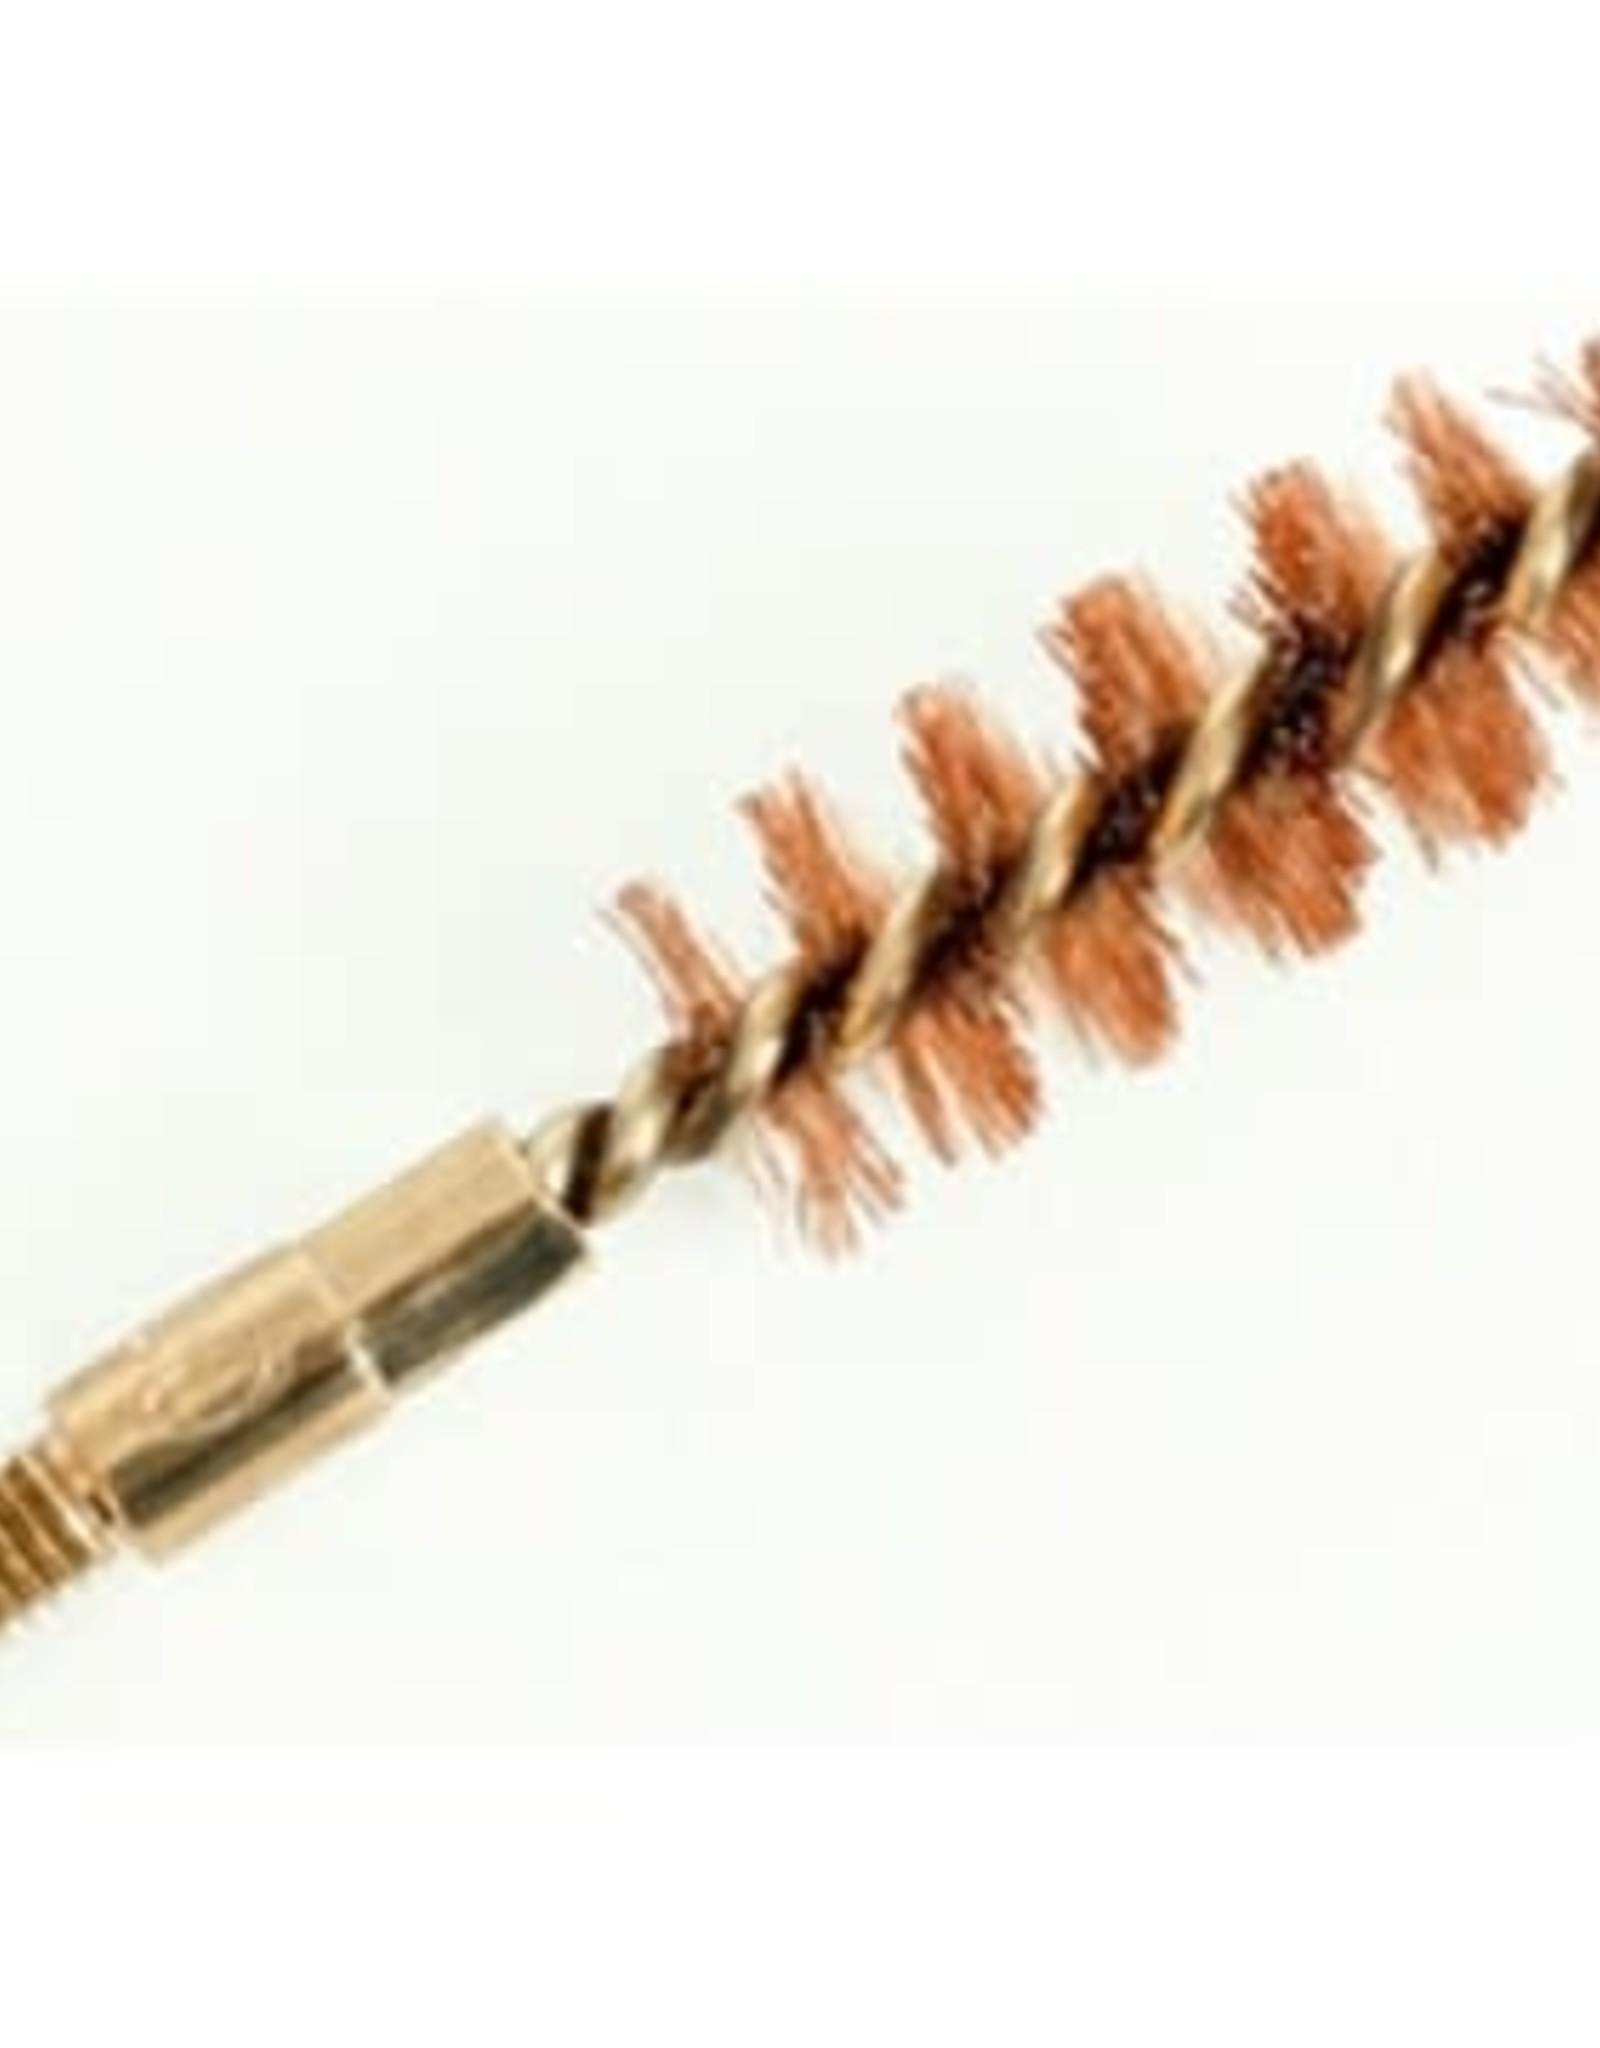 Otis #40 Brush  (.40 cal - 10MM)